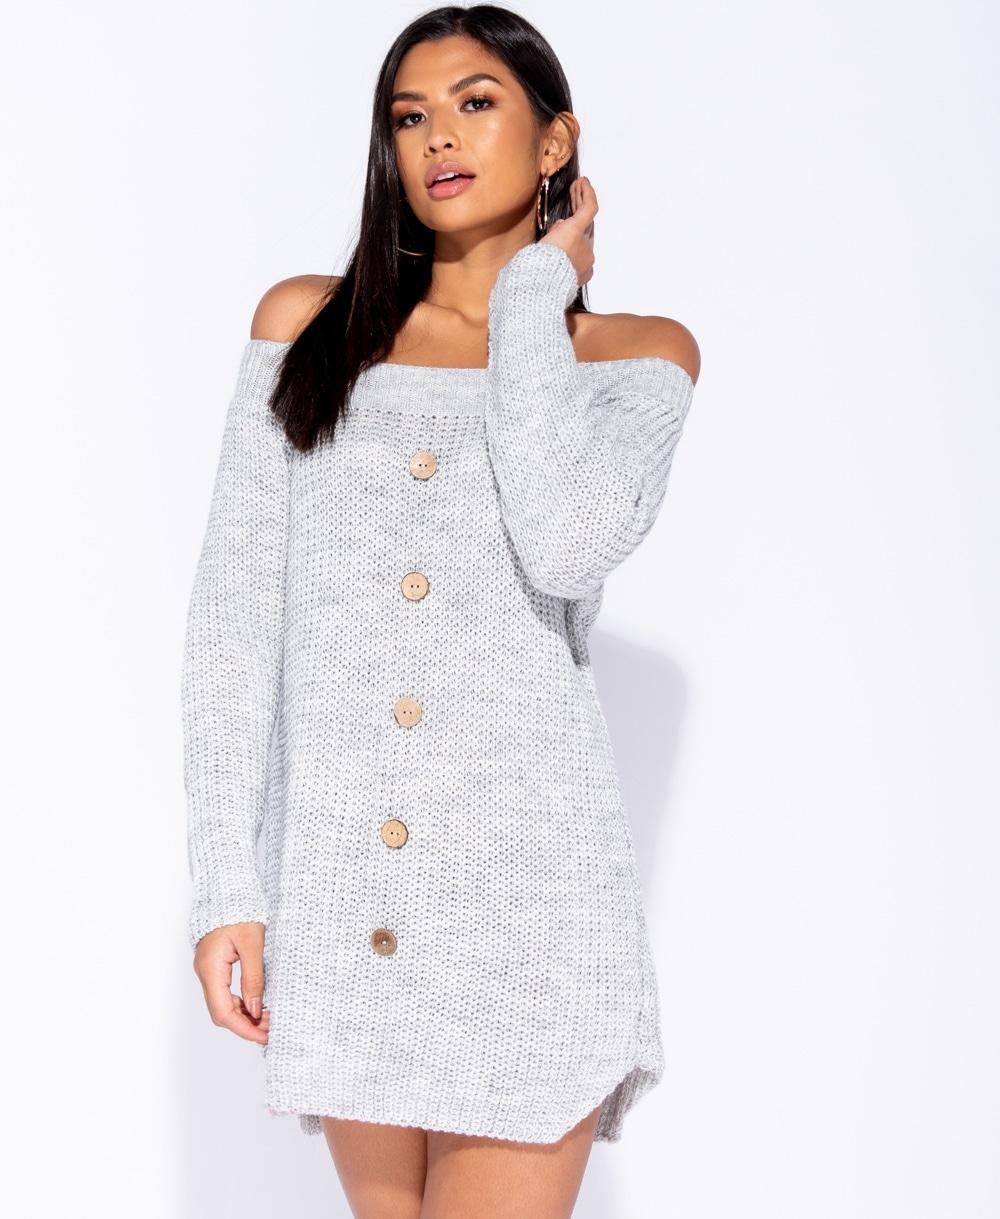 c9b85c1a060 cosy off shoulder πλεκτό φόρεμα Payton σε γκρι